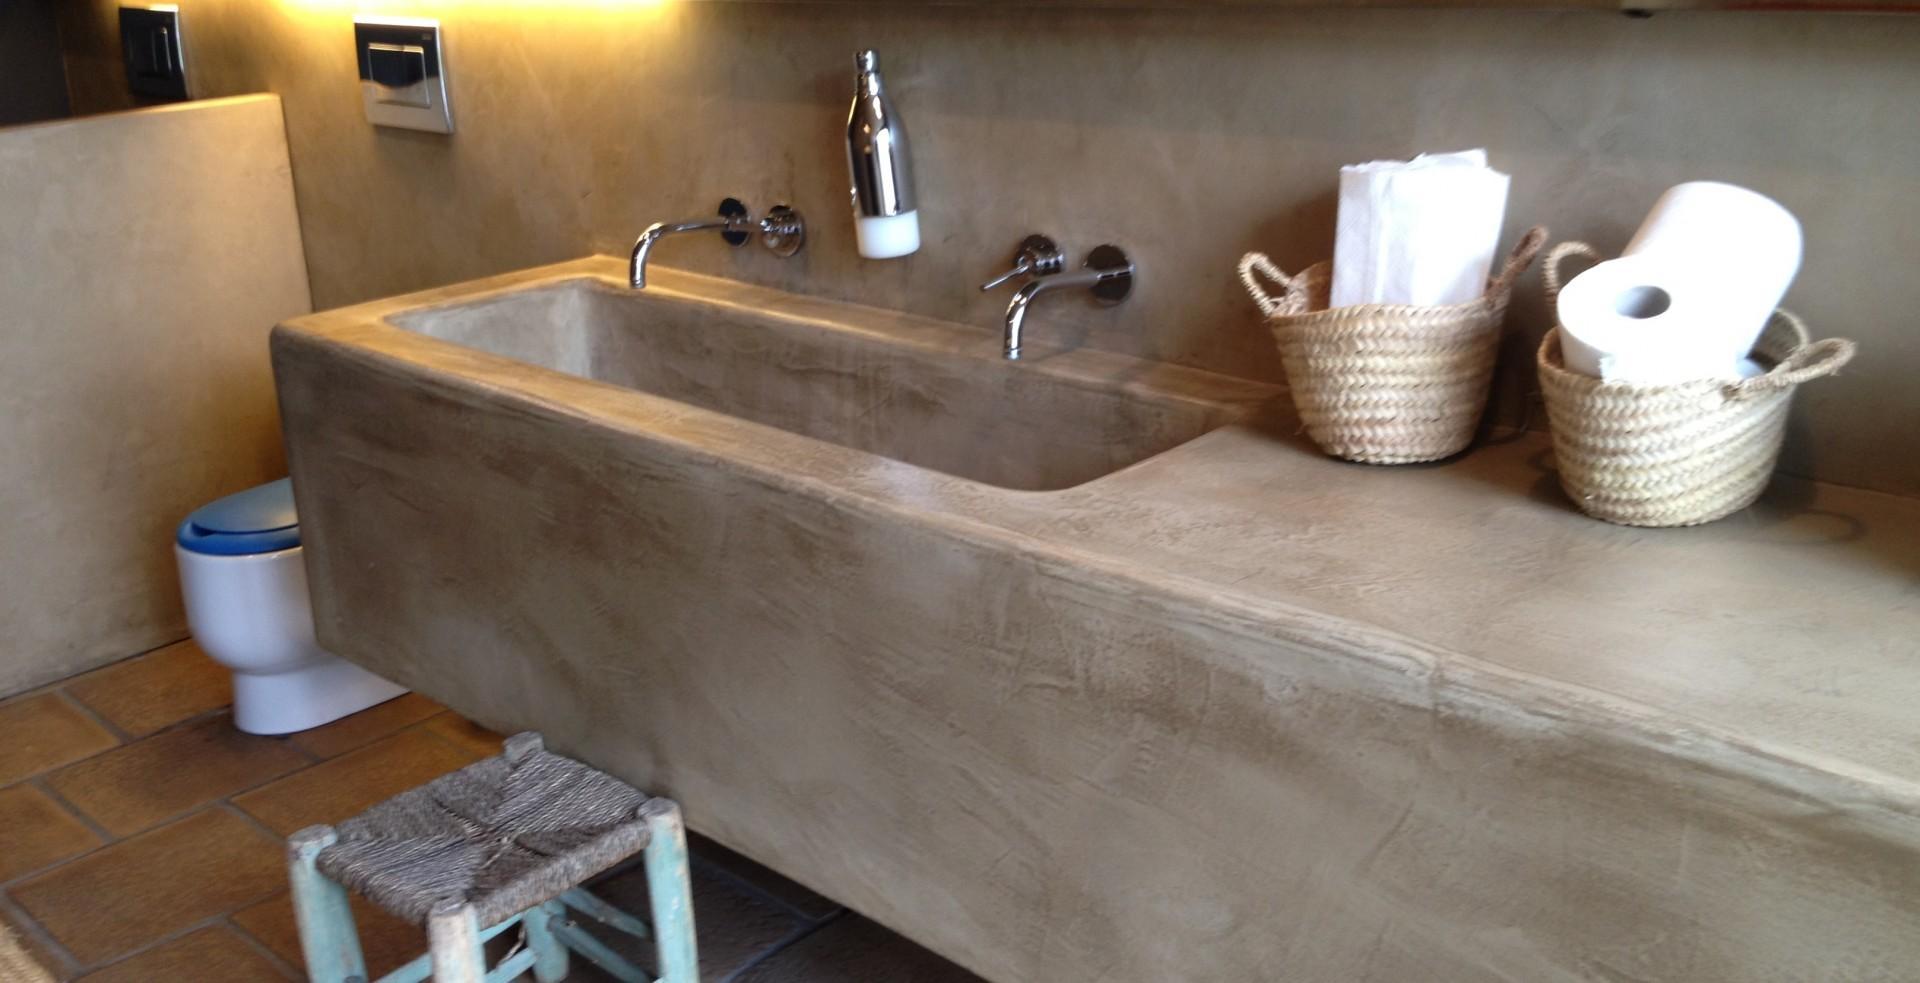 pudsede vægge i badeværelse Pudsede vægge i badeværelse – Projekter af huse pudsede vægge i badeværelse